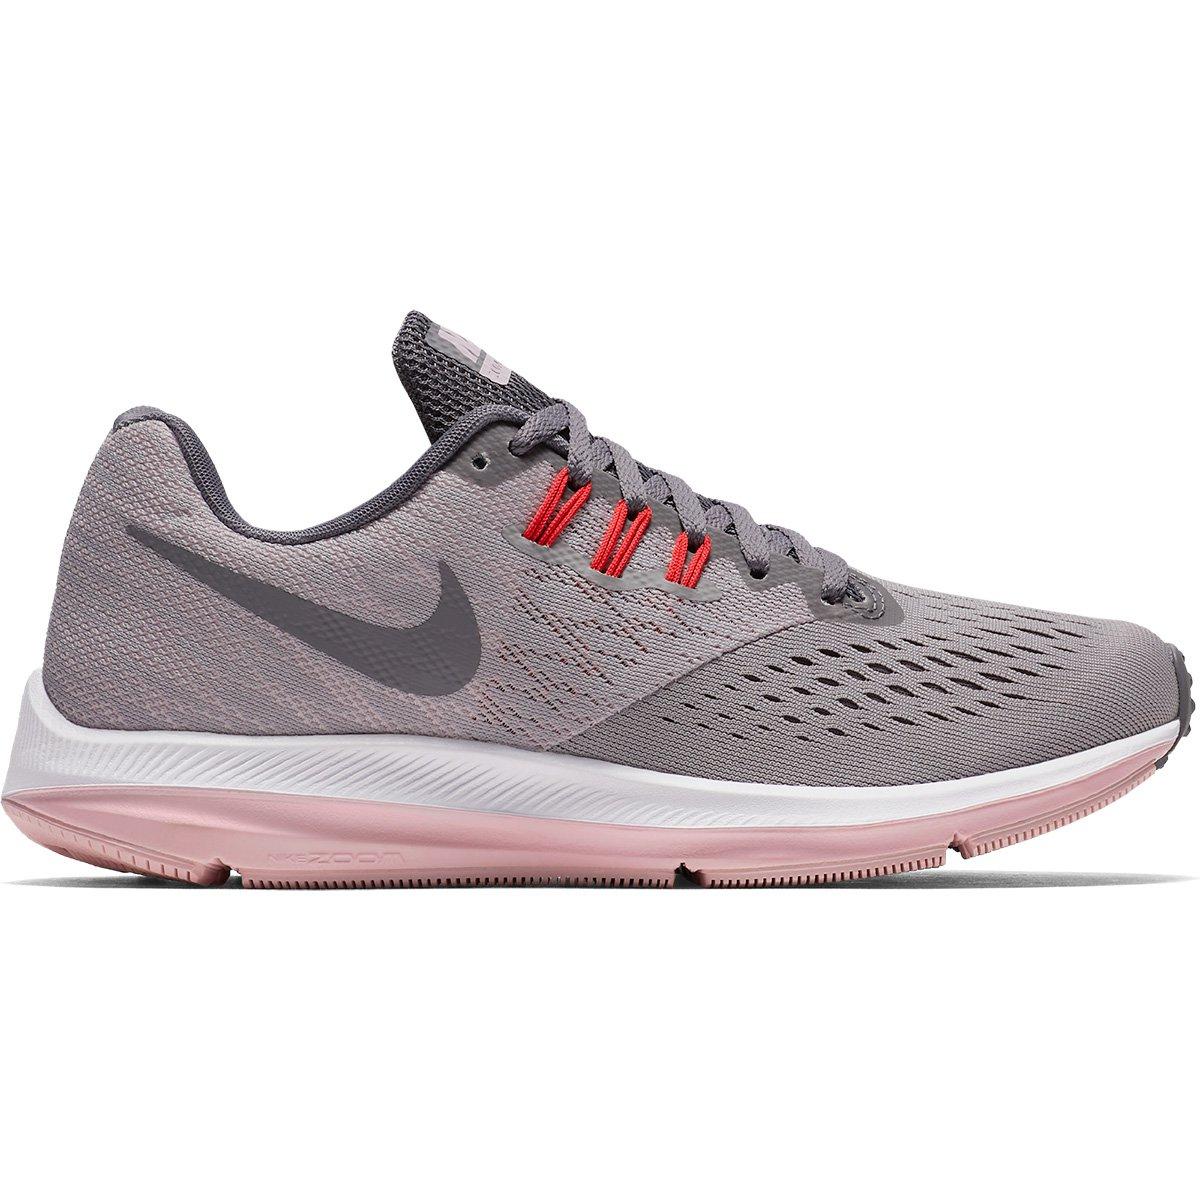 release date: 8dc92 ecd1c Tênis Nike Zoom Winflo 4 Feminino   Livelo -Sua Vida com Mais Recompensas